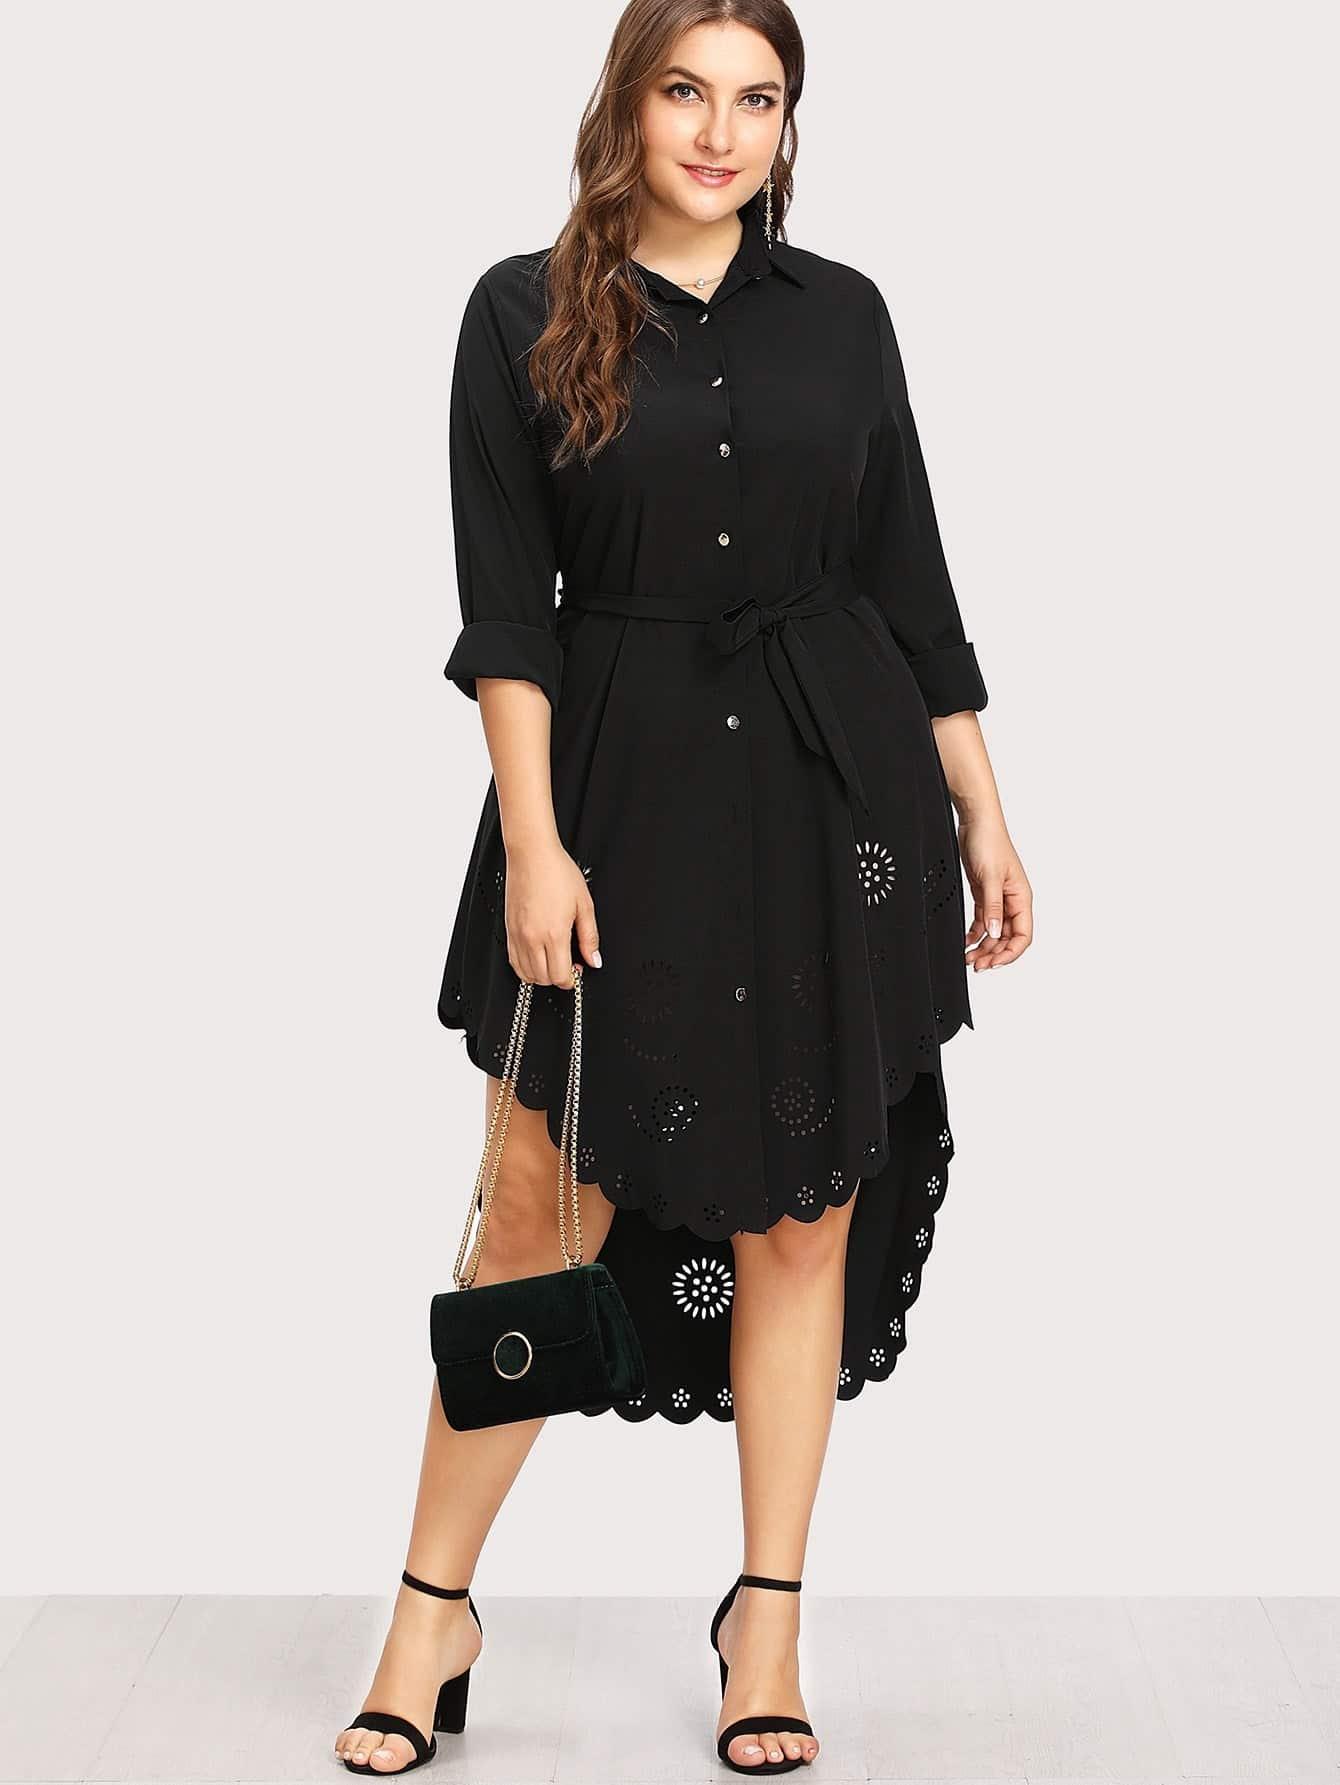 Asymmetrisches Bluse Kleid mit Muschel